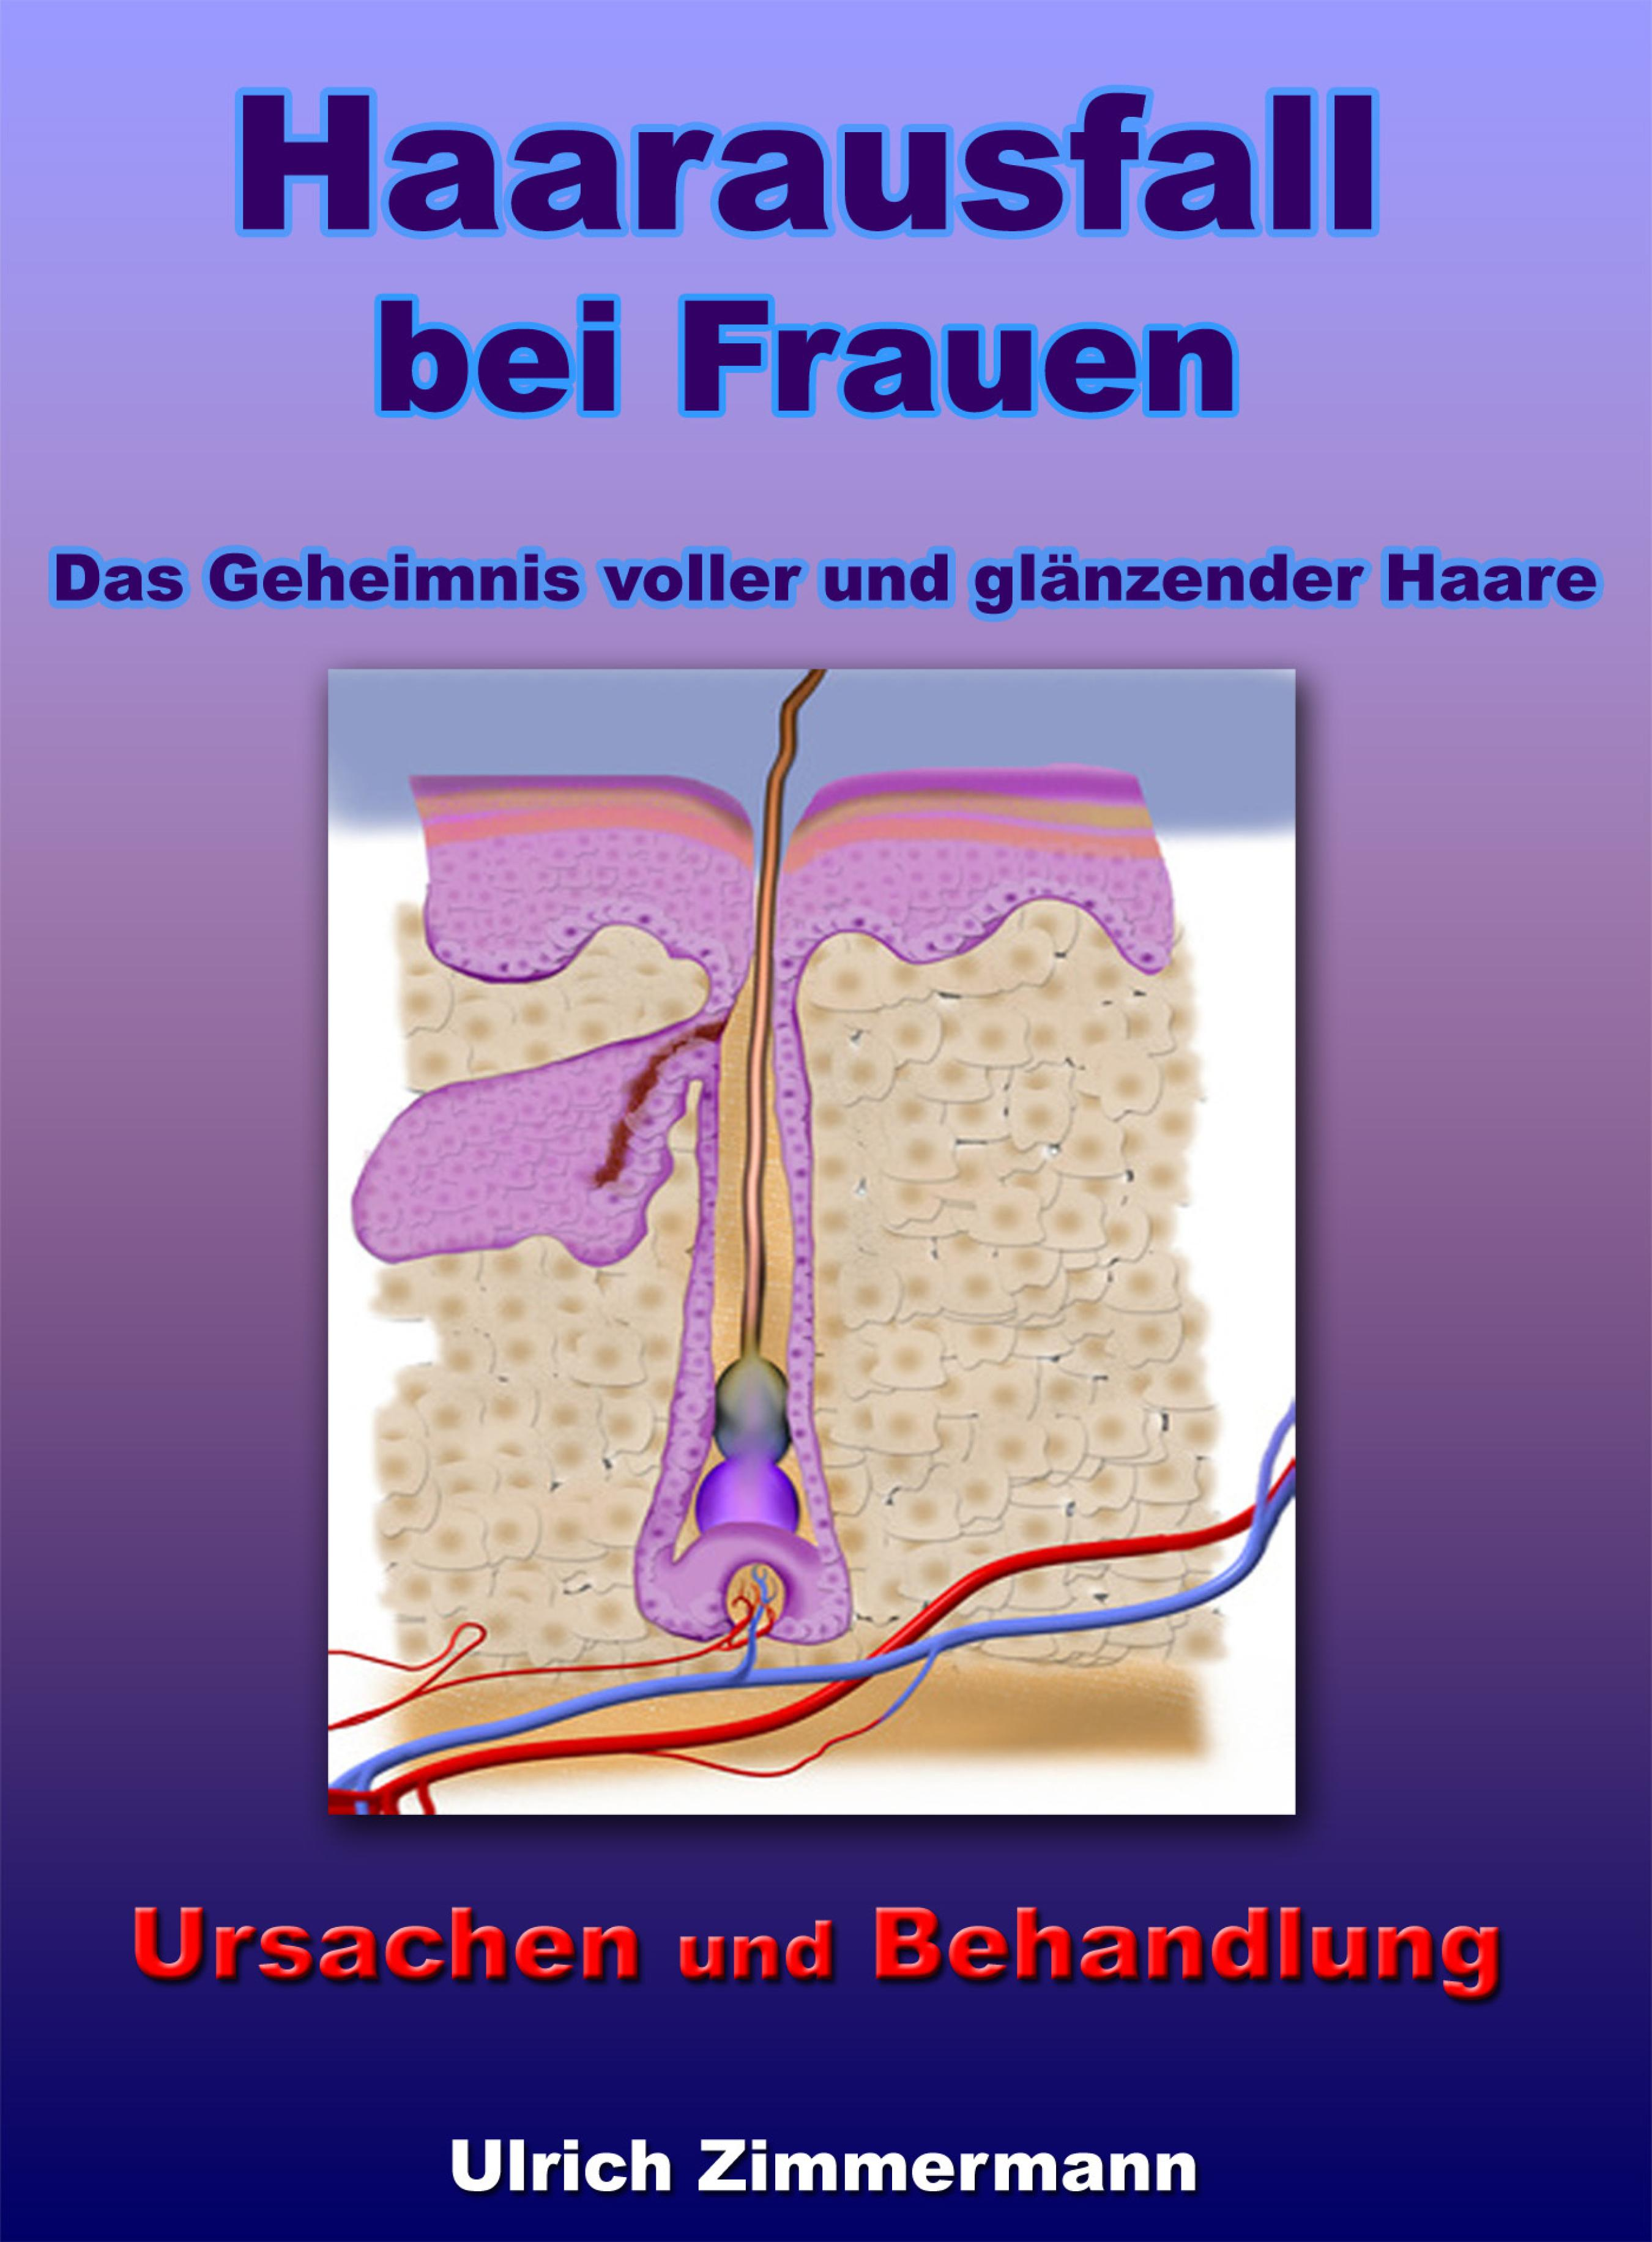 Ulrich Zimmermann Haarausfall bei Frauen - Ursachen und Behandlung - Das Geheimnis voller und glänzender Haare